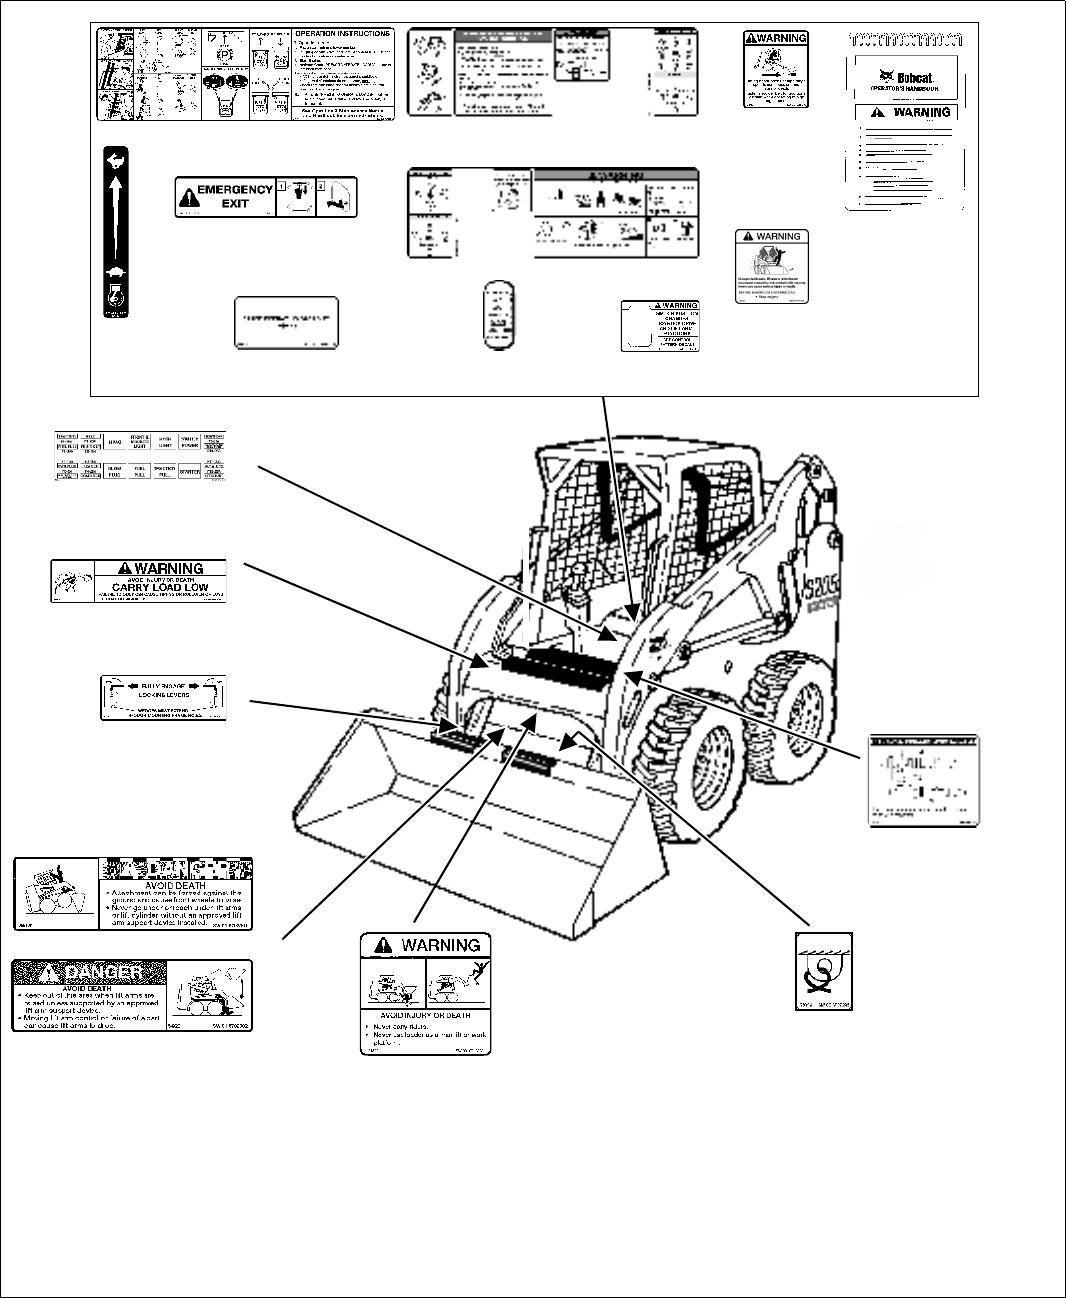 bobcat fuse diagram - wiring diagram schematic village-store -  village-store.aliceviola.it  aliceviola.it